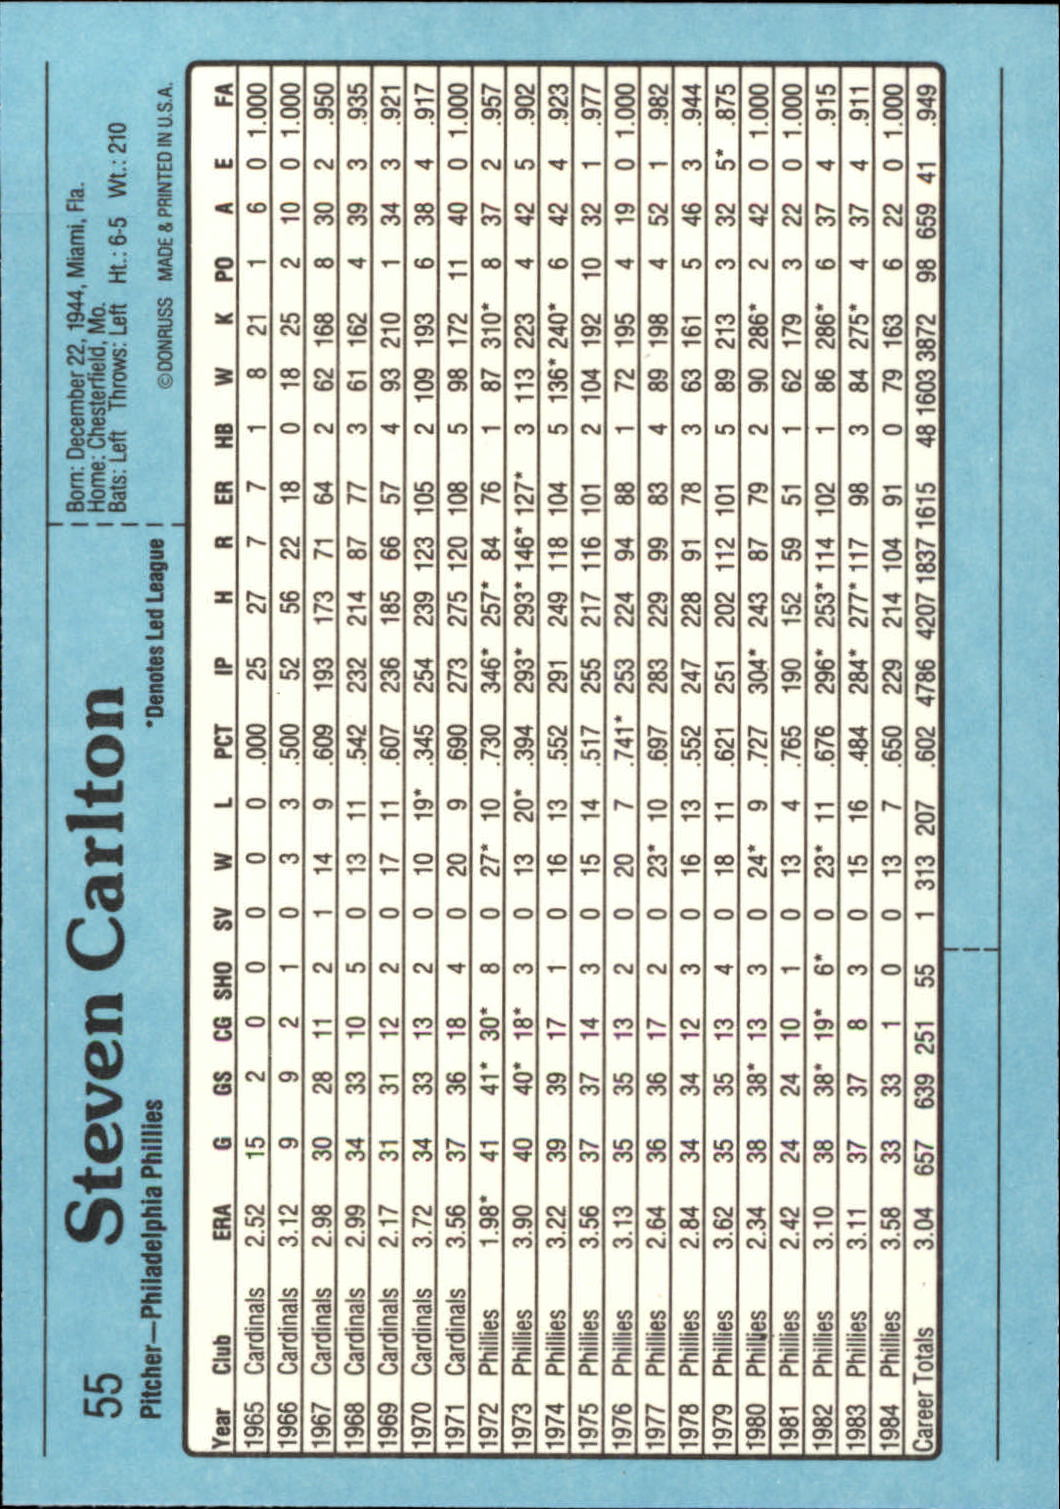 1985 Donruss Action All-Stars #55 Steve Carlton back image